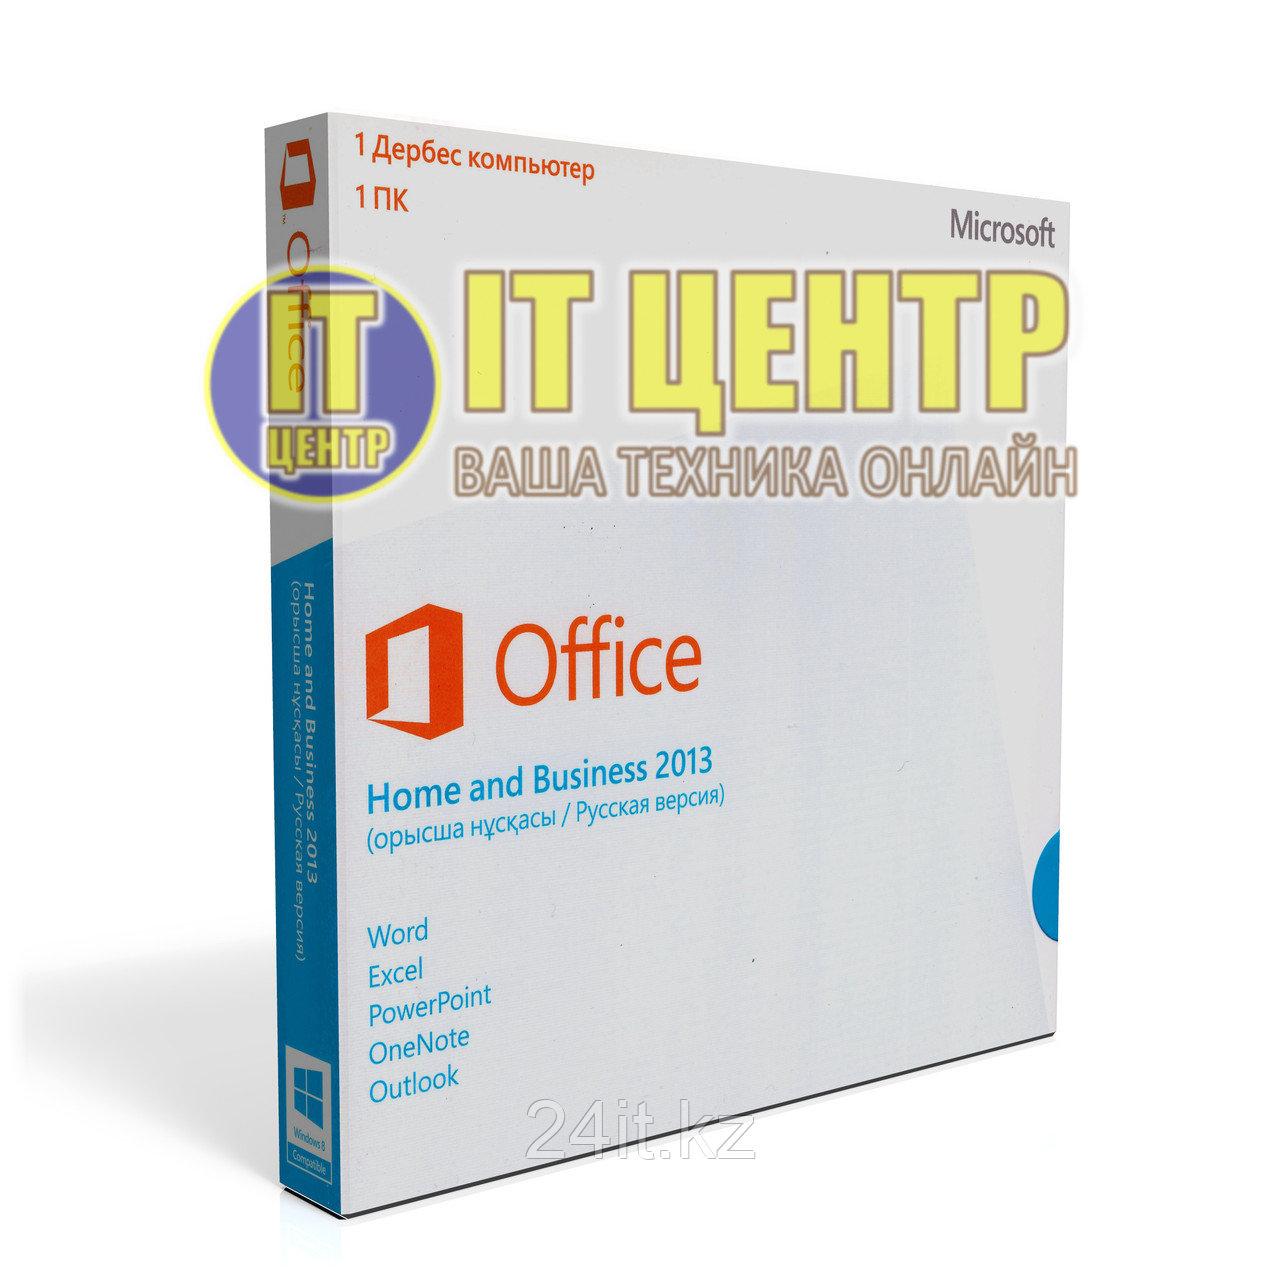 Офисное приложение, Microsoft, Office Home and Business 2013, 32/64 bit, Russian, Box